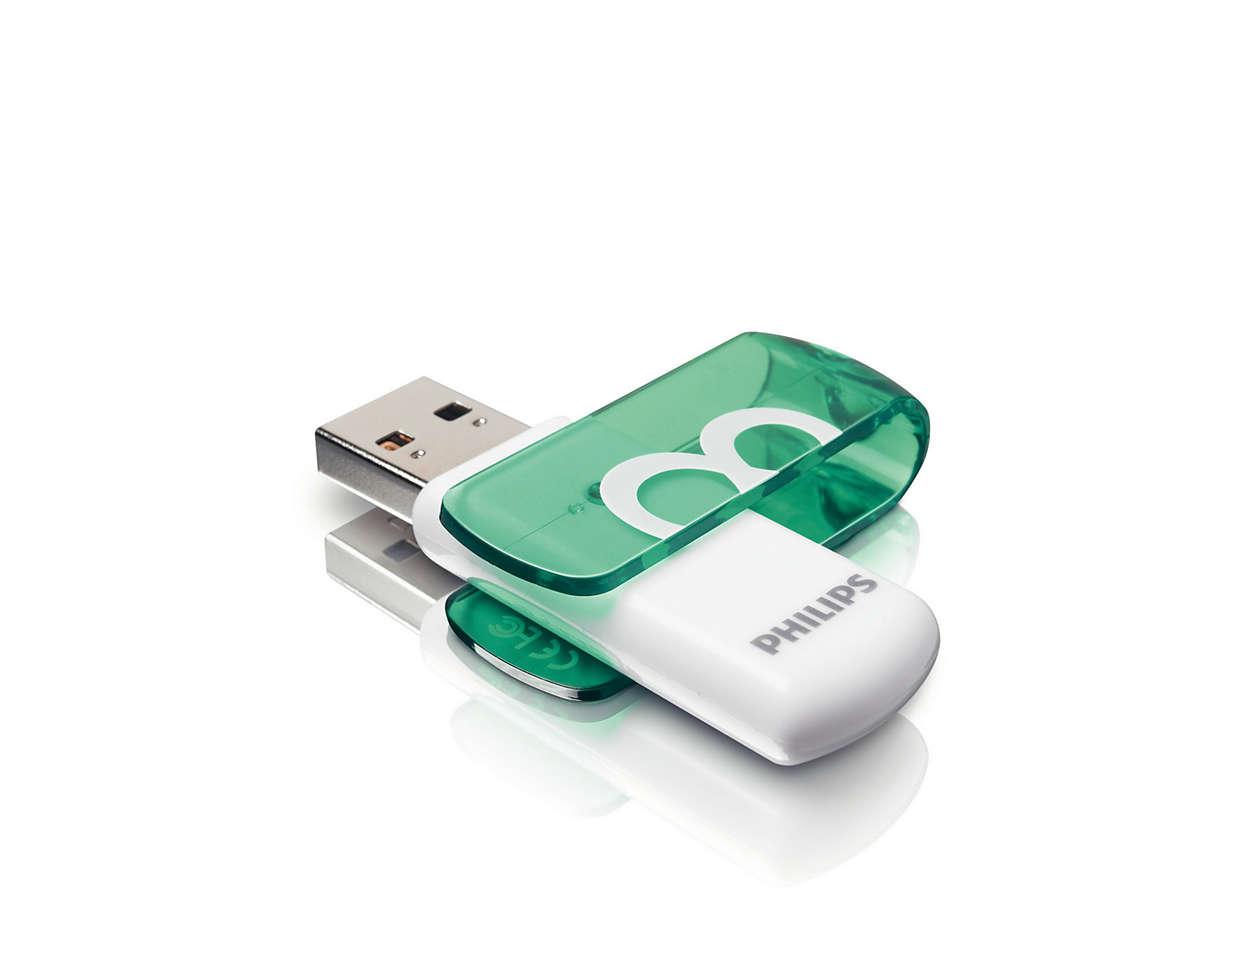 Dispositivo Plug and Play fácil de usar!